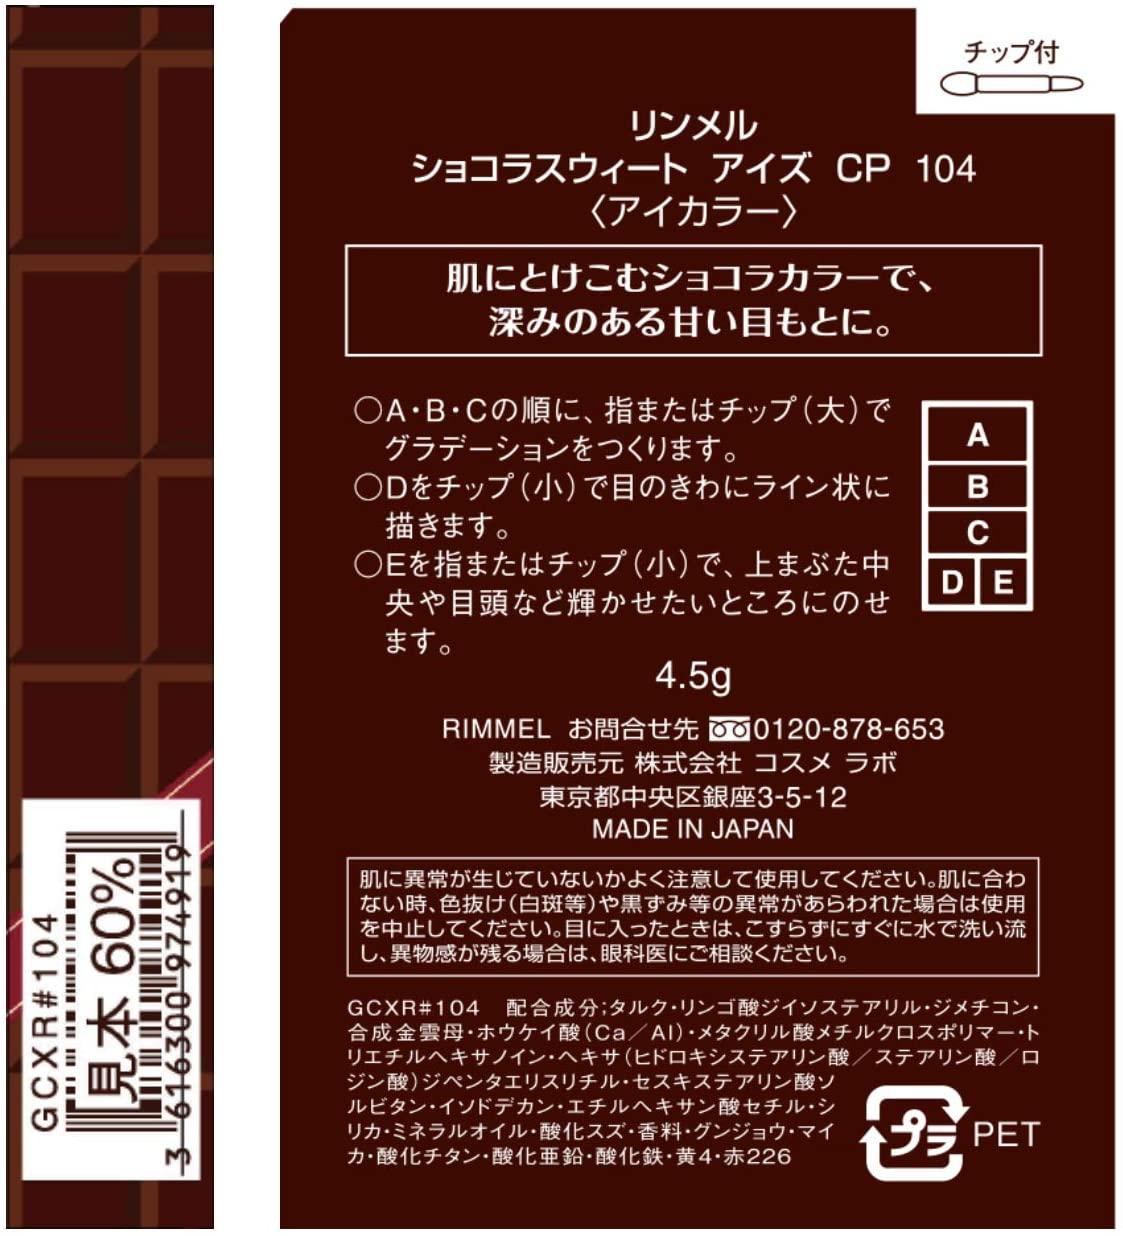 RIMMEL(リンメル)ショコラスウィート アイズの商品画像13